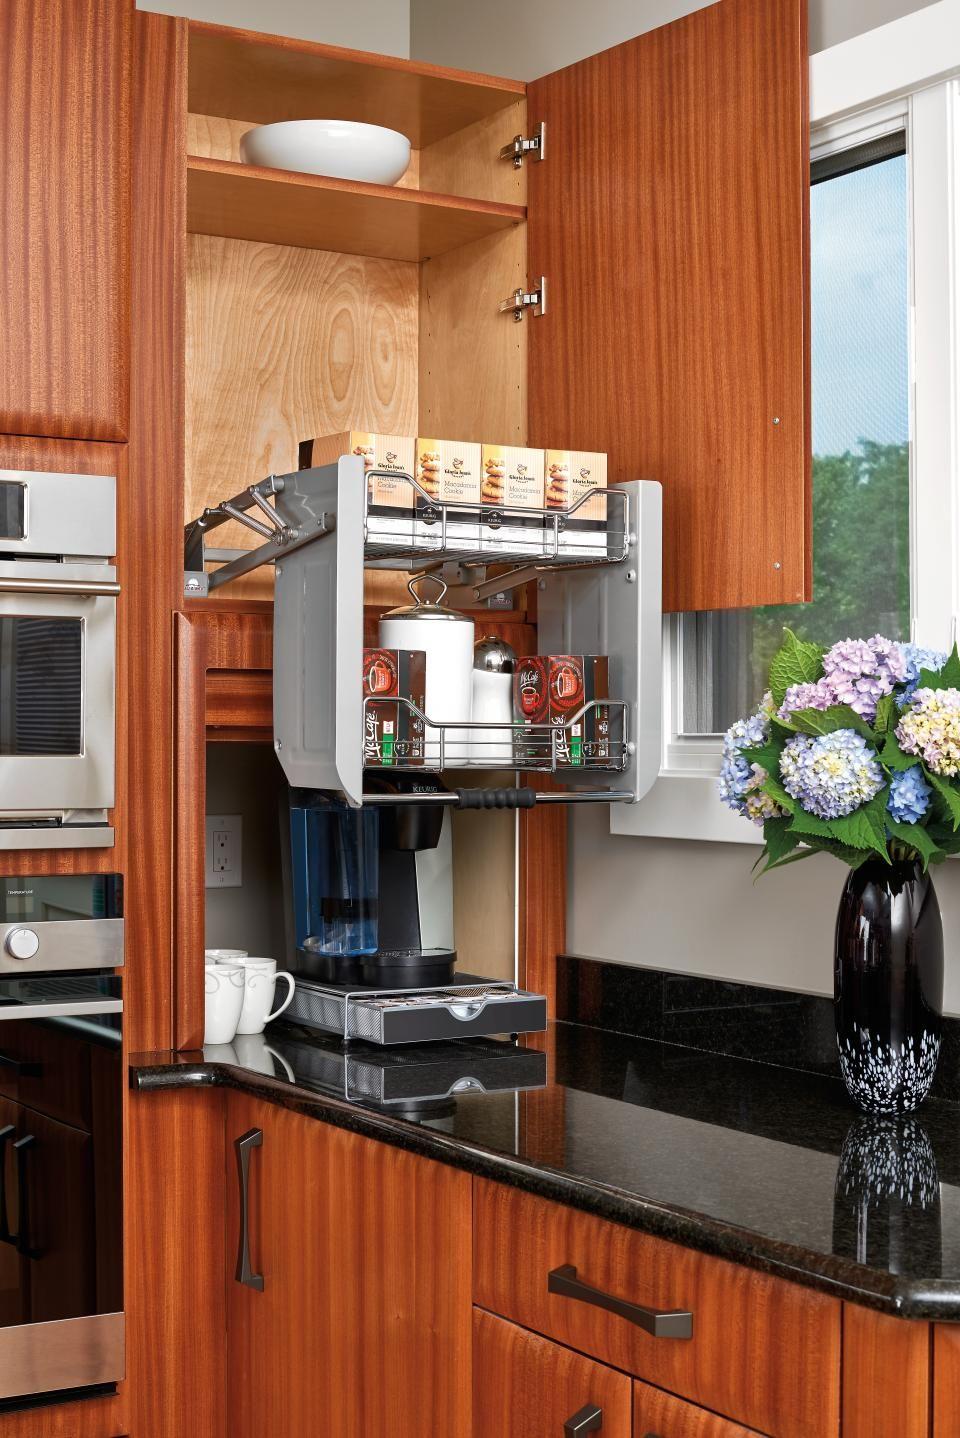 What S Trending In Kitchen Bath Cabinets And Accessories View Slideshow Upper Kitchen Cabinets Interior Design Kitchen Kitchen Trends